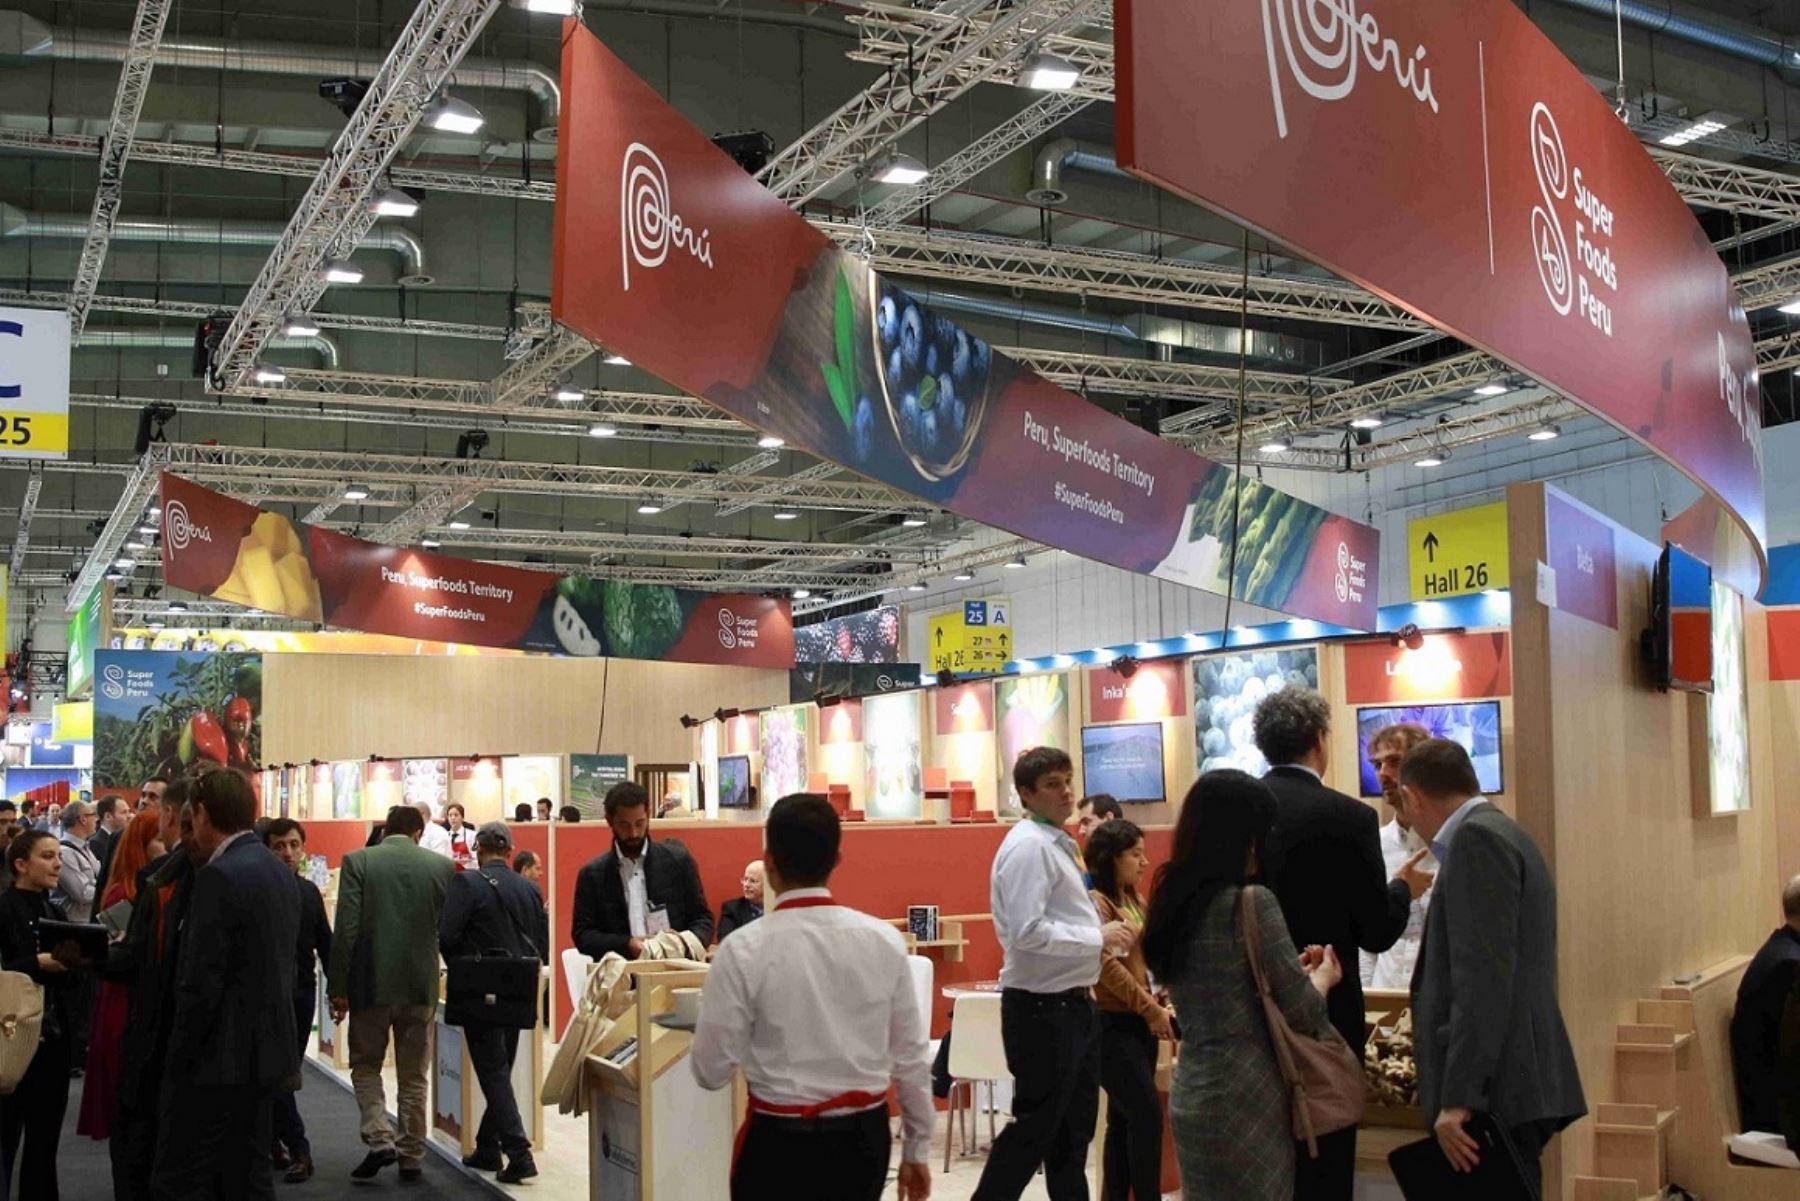 Pabellón de Perú en feria Fruit Logistica 2020 en Berlín, Alemania. Foto: Cortesía.